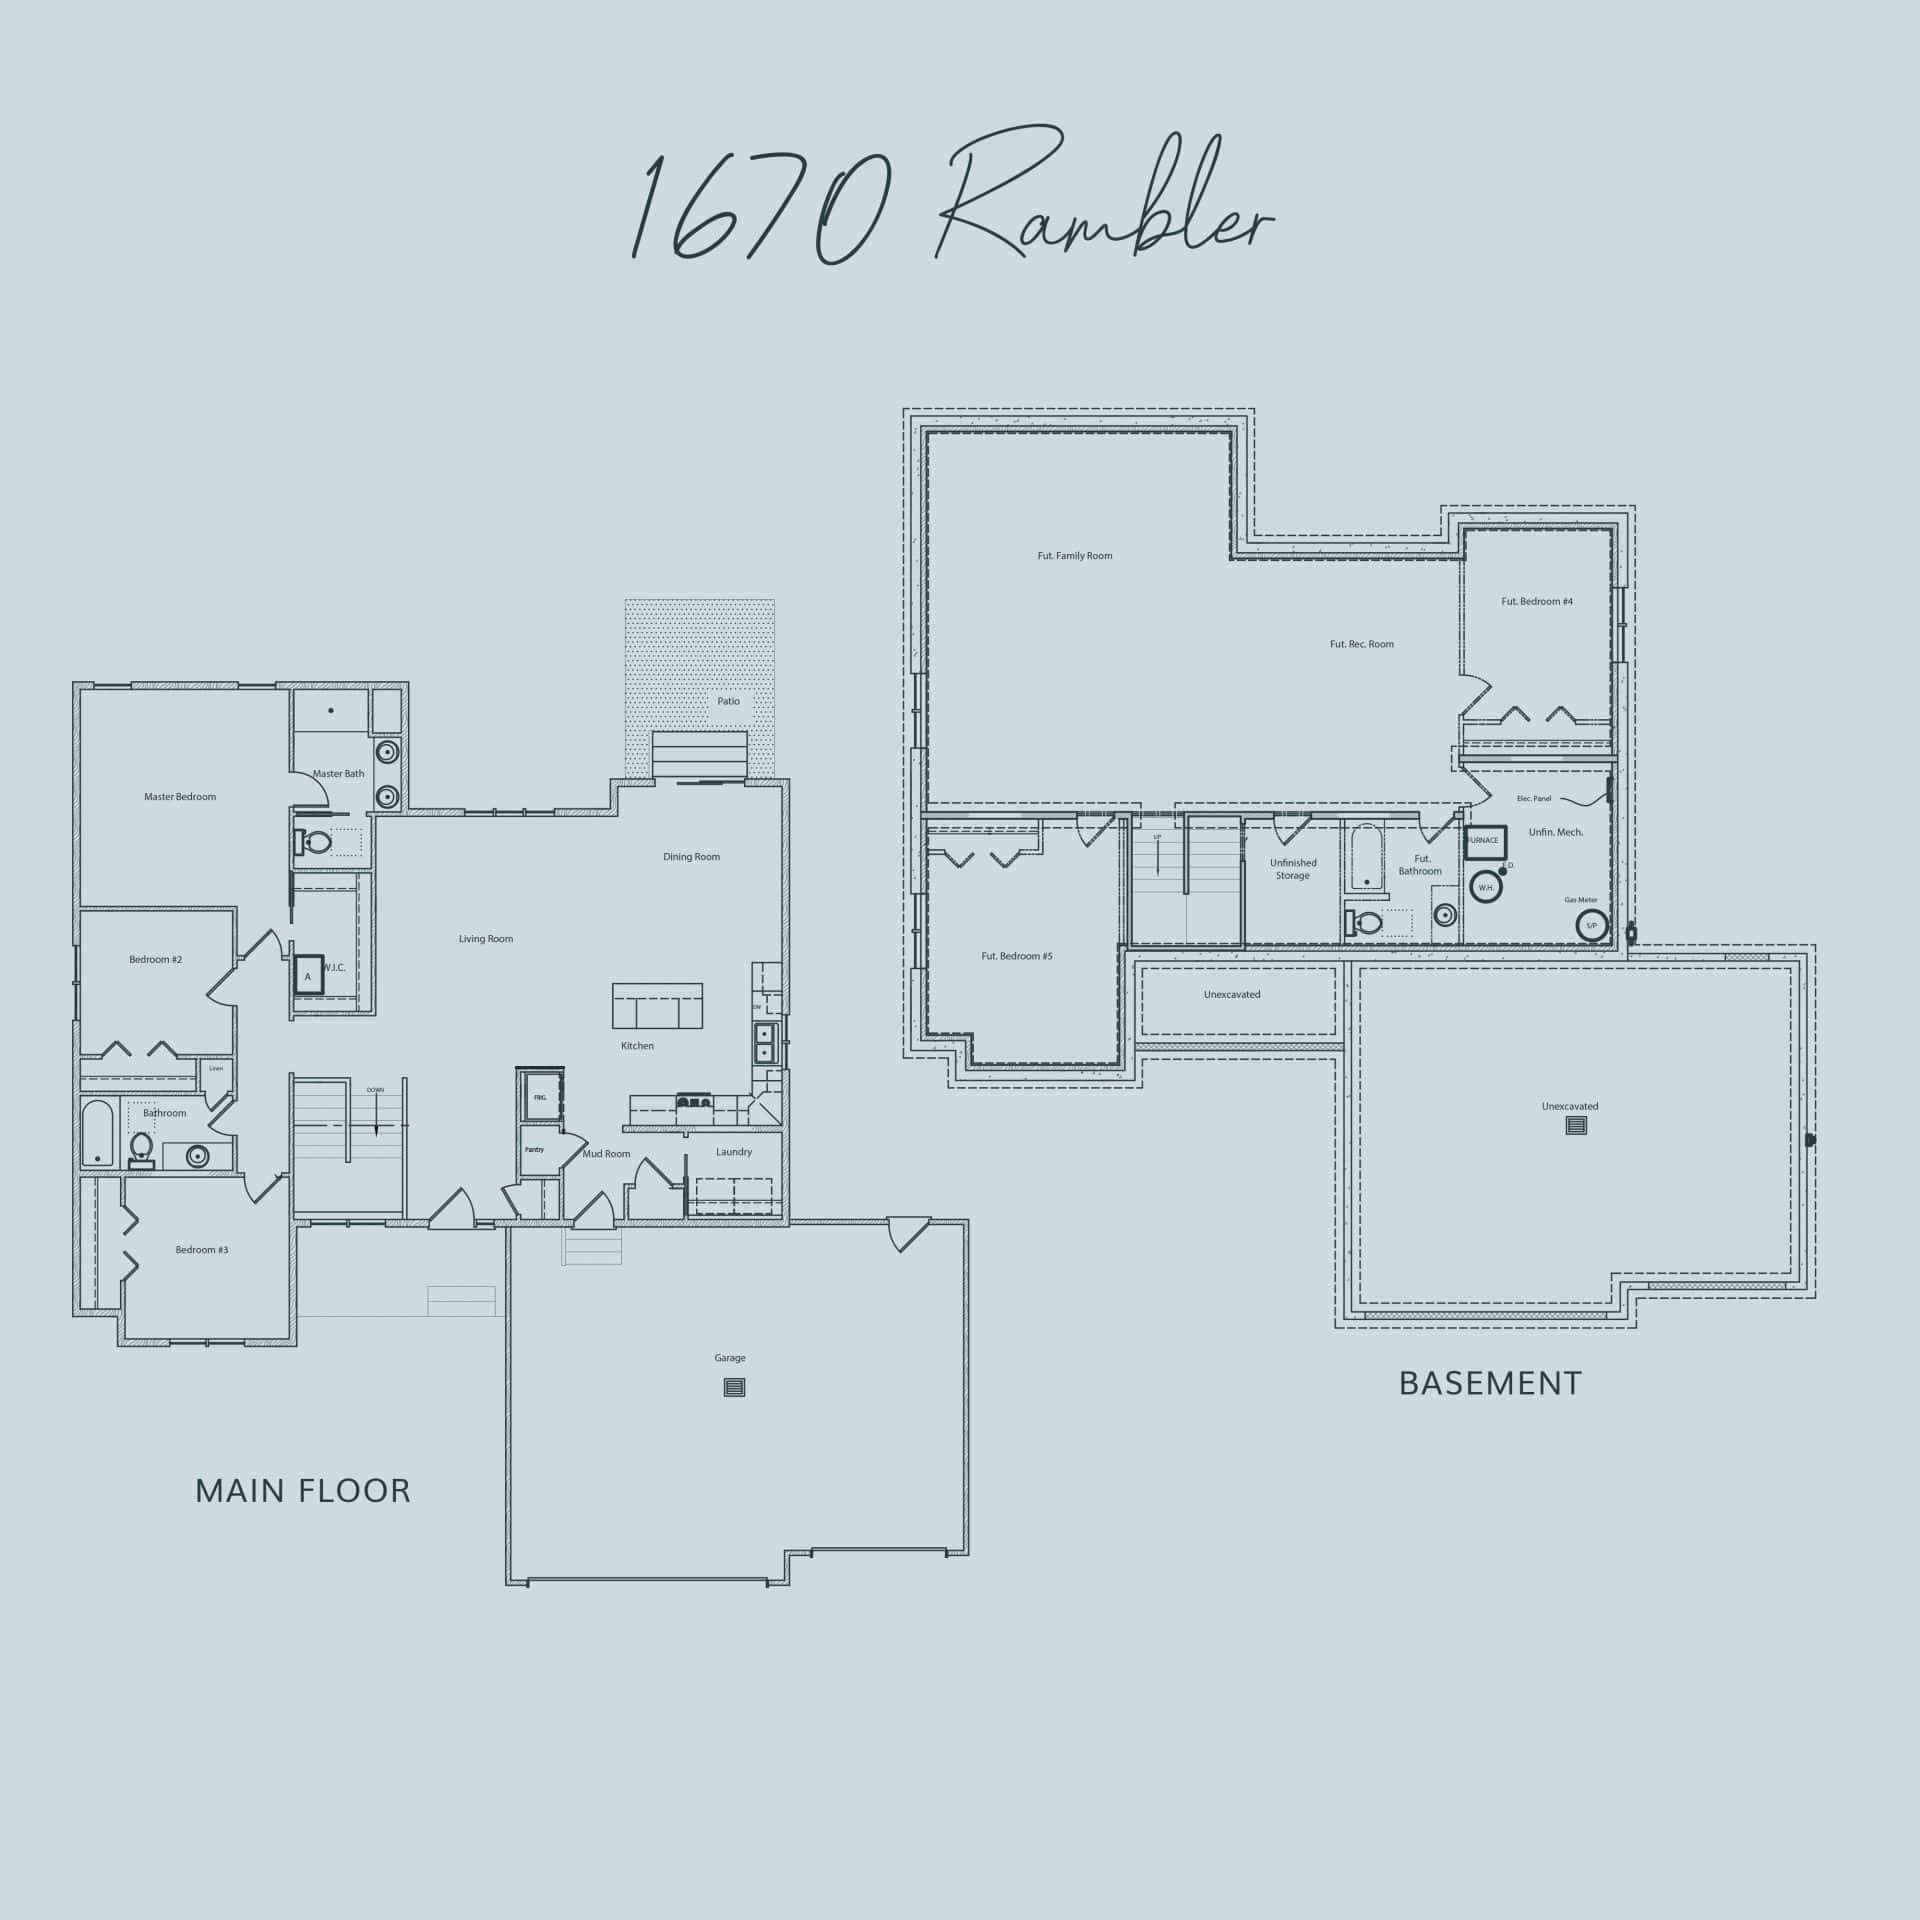 1670 Plan